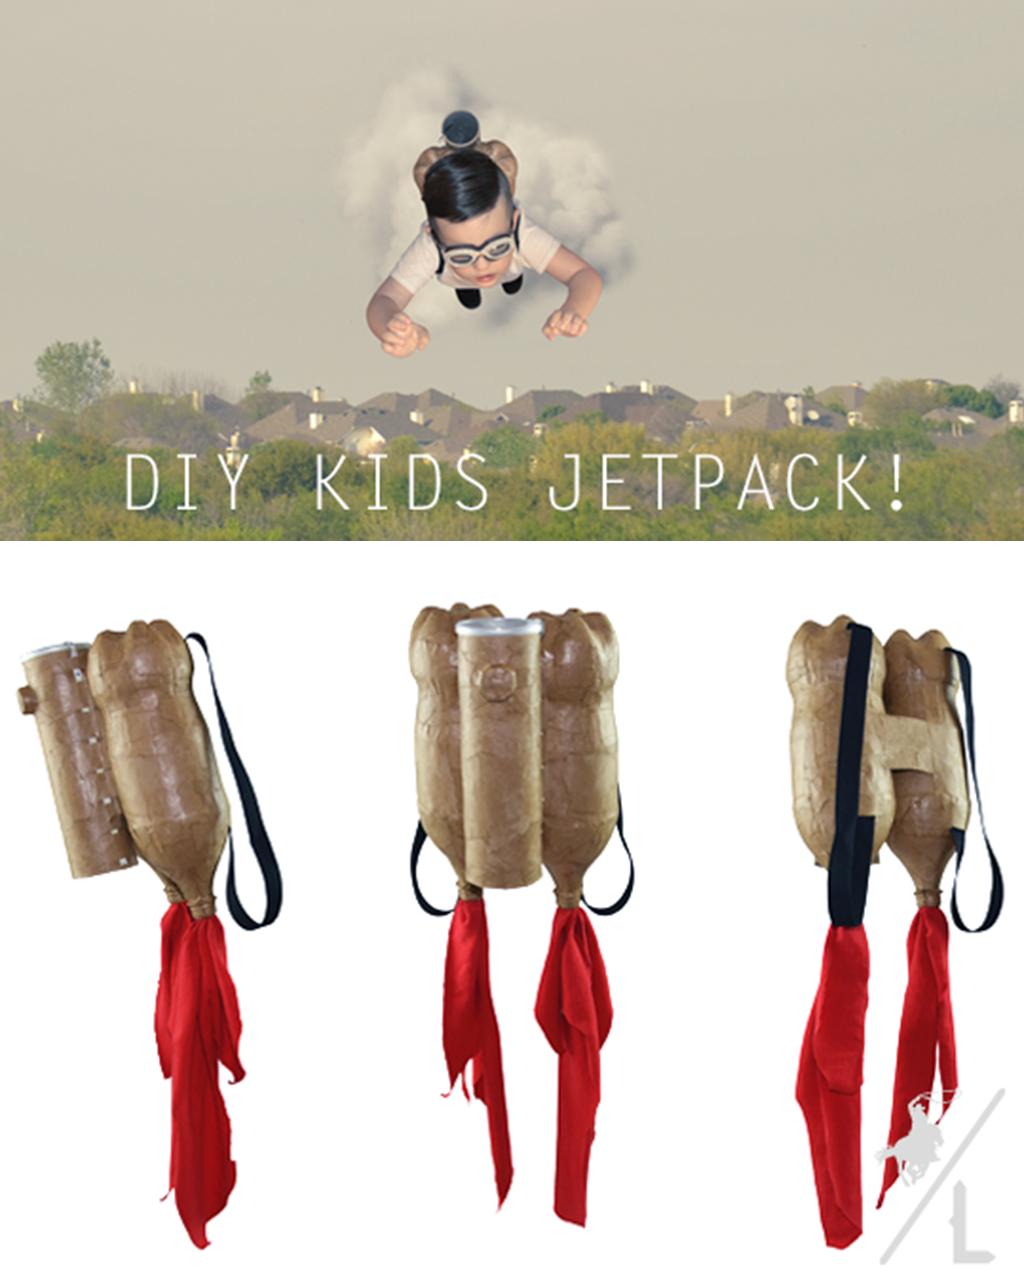 Kids Jetpack